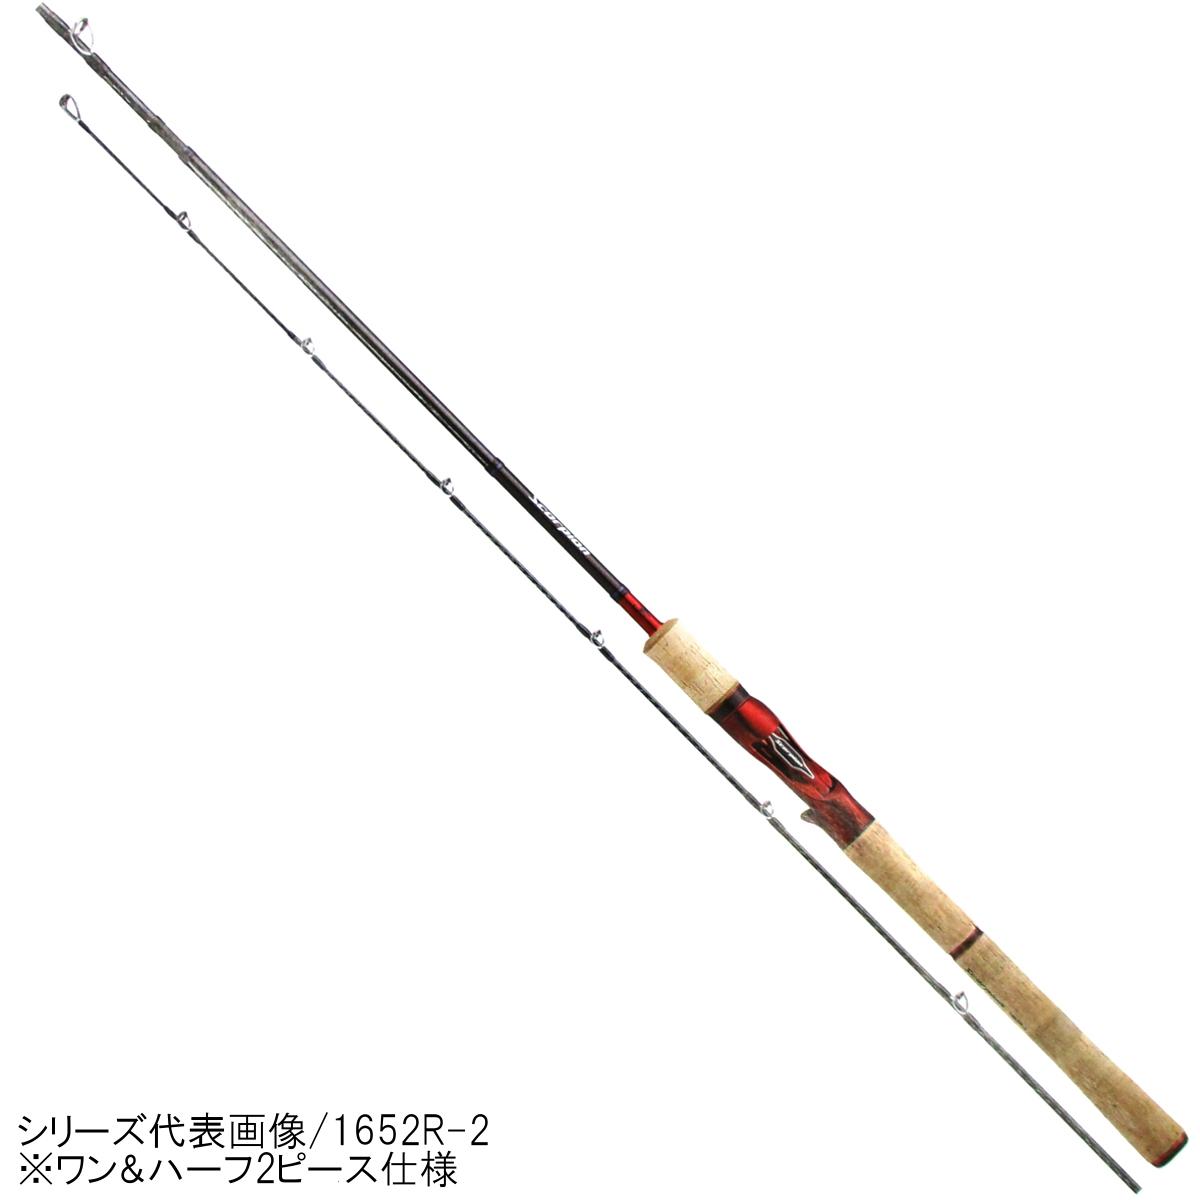 シマノ スコーピオン ワン&ハーフ2ピース ベイトキャスティングモデル 1752R-2